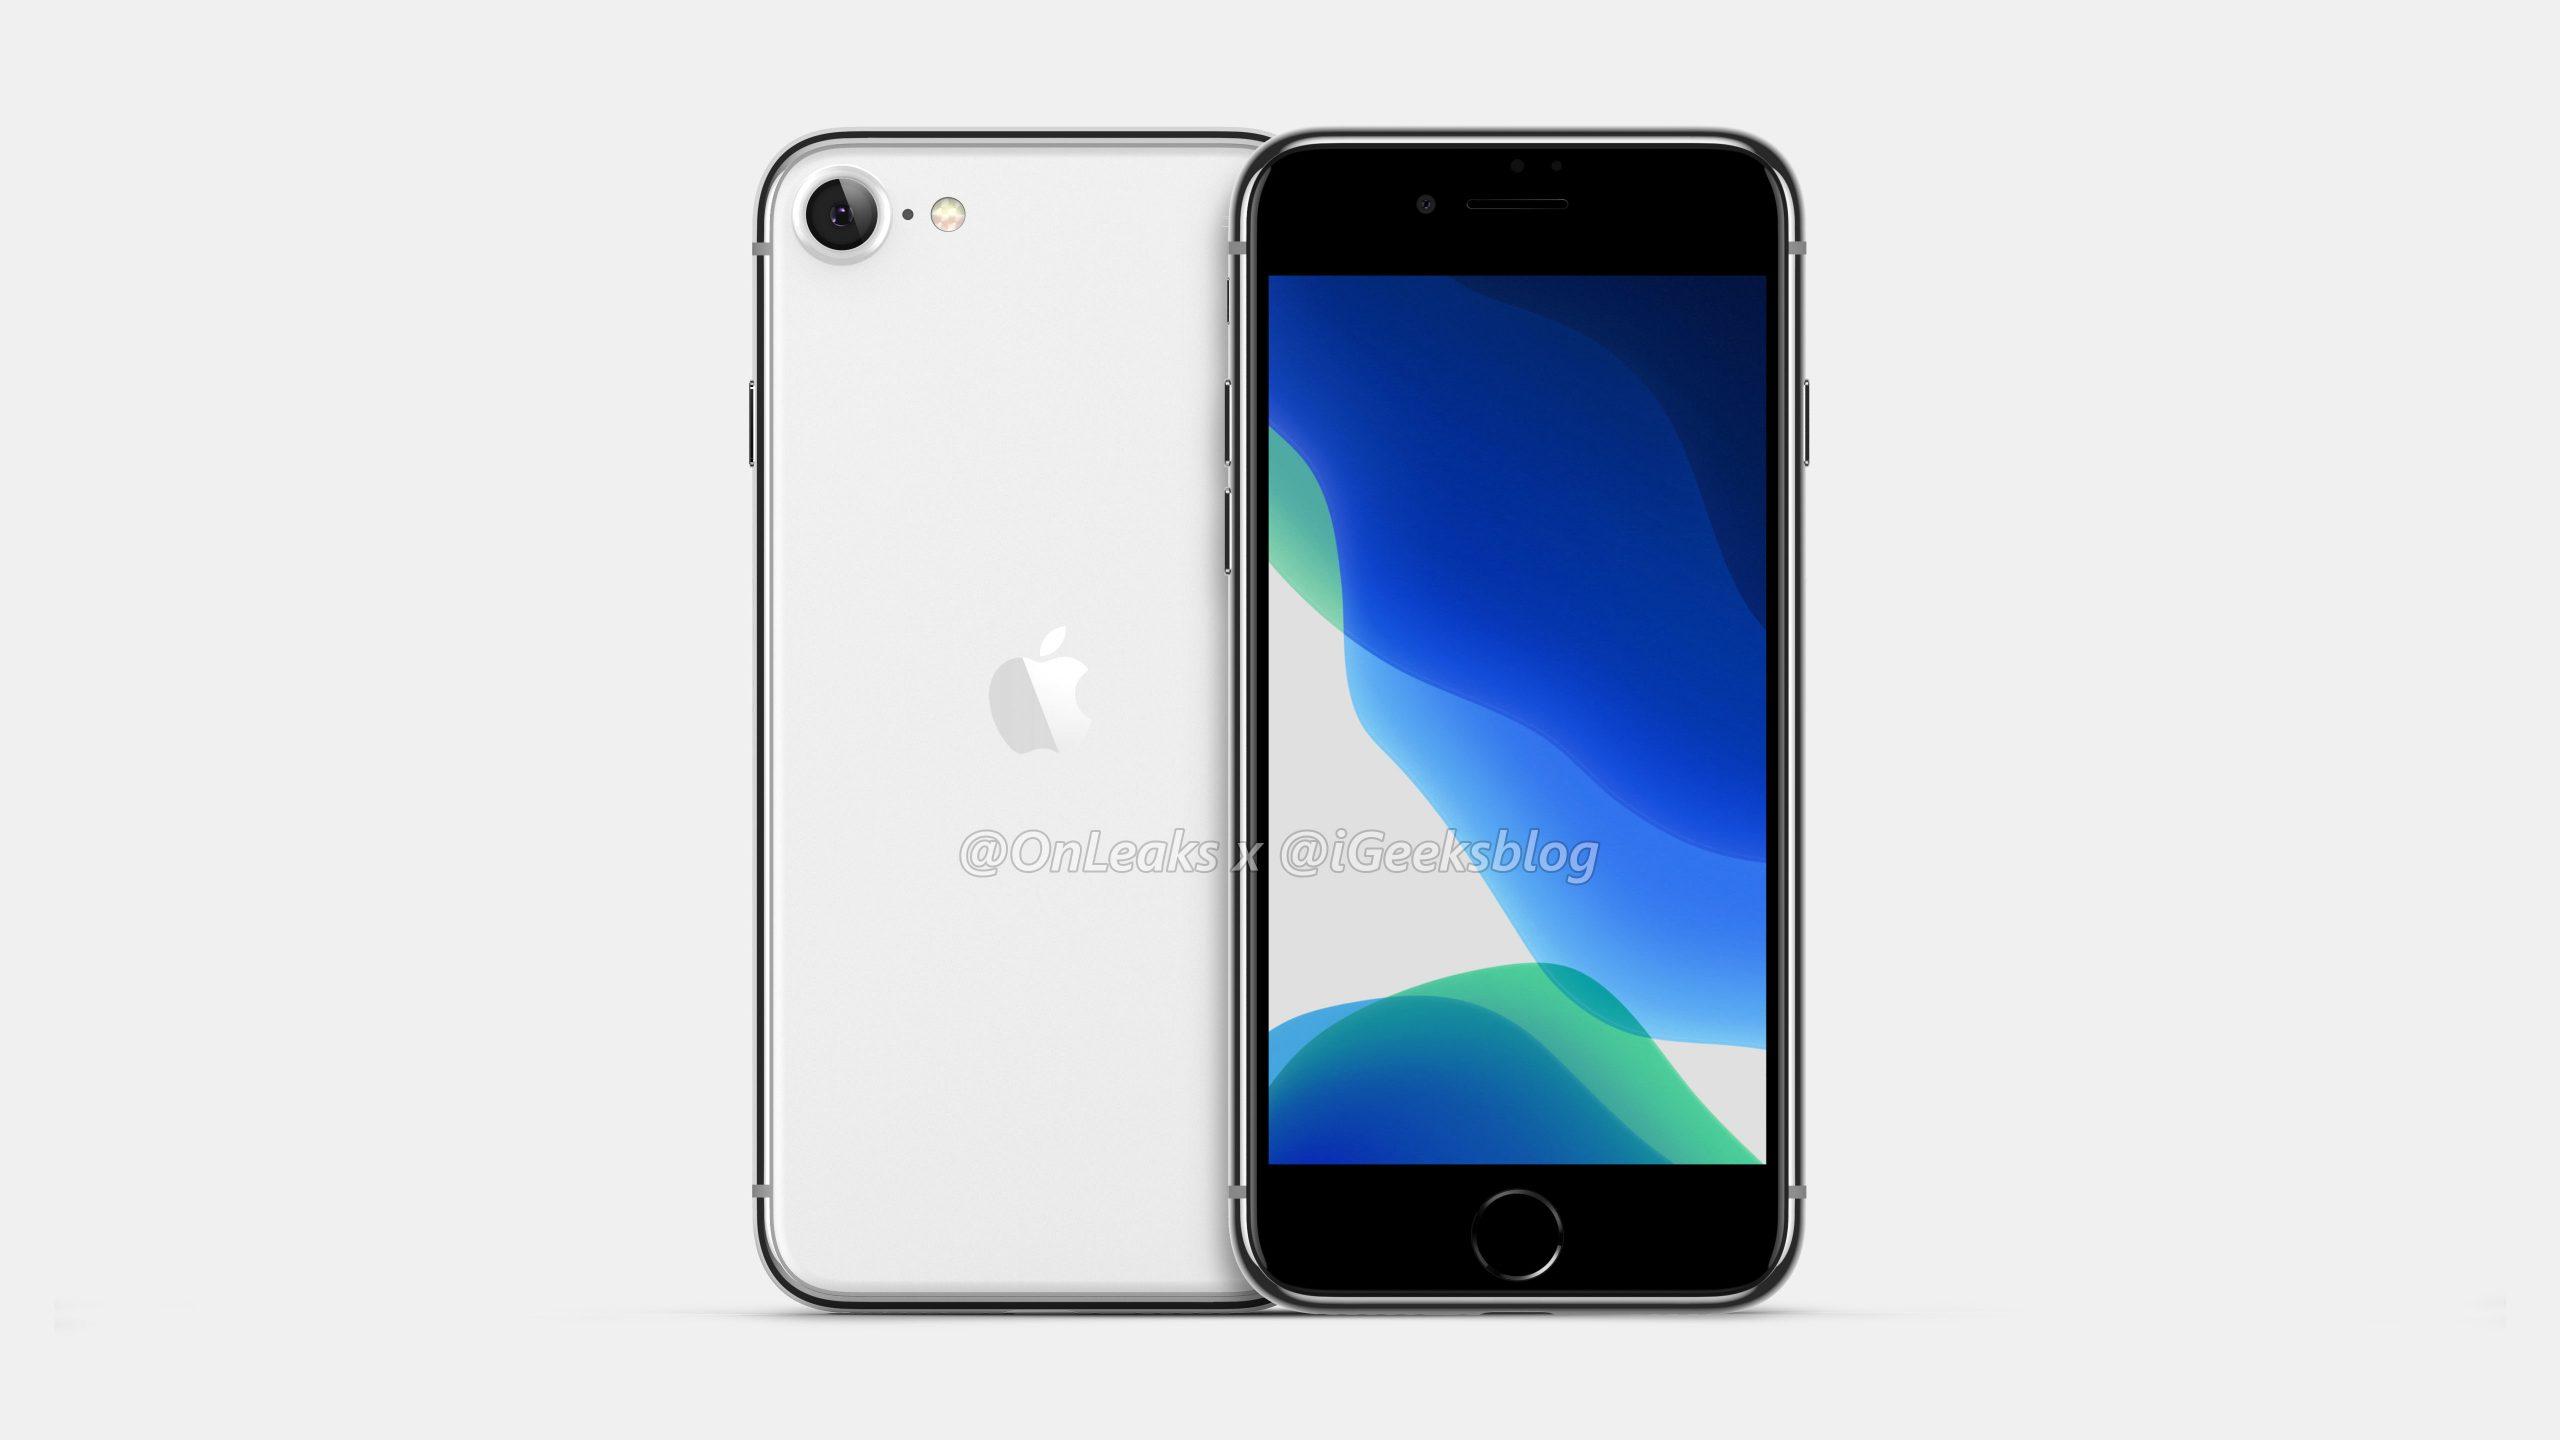 """¿Comprarías un Apple iPhone 9 por 399 dólares? Todas las claves del móvil """"barato"""" 32"""